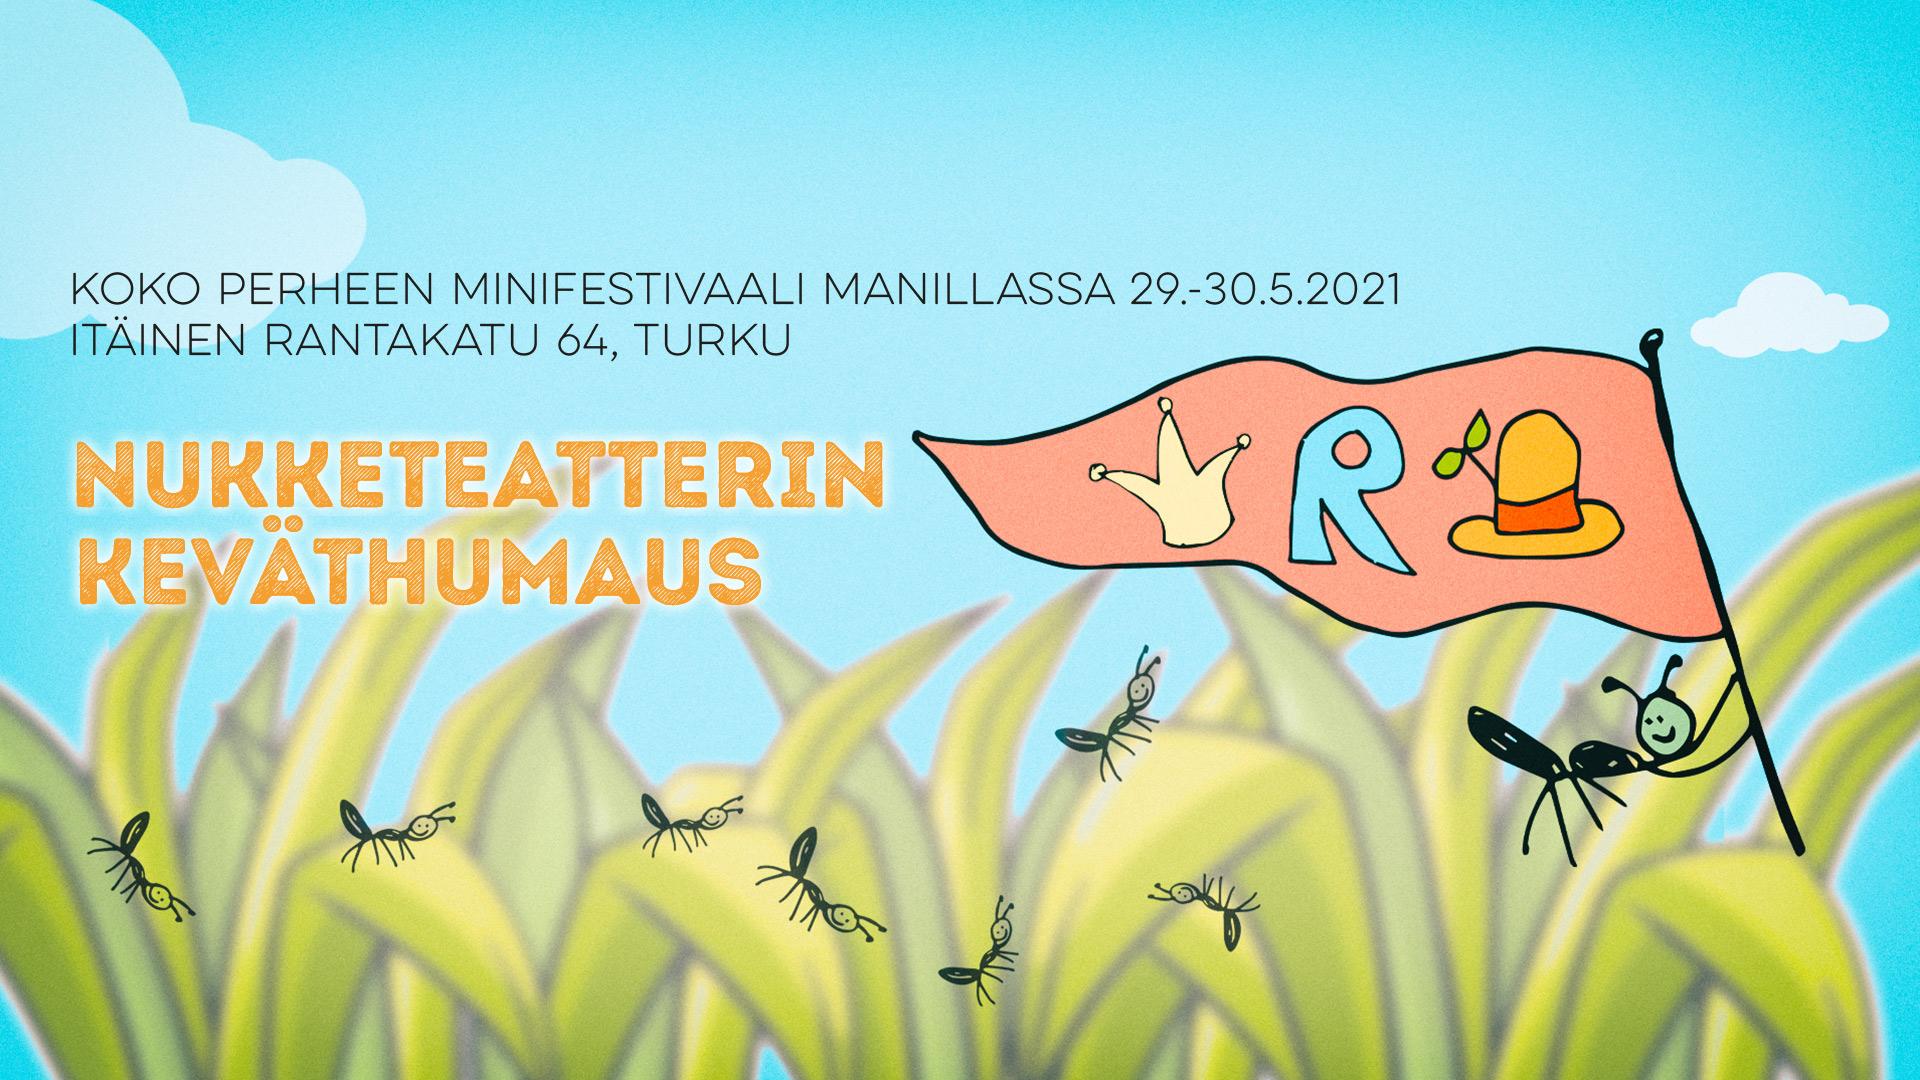 Manillaan nousee kevään kunniaksi kaksipäiväinen koko perheen minifestivaali 29.-30.5.2021